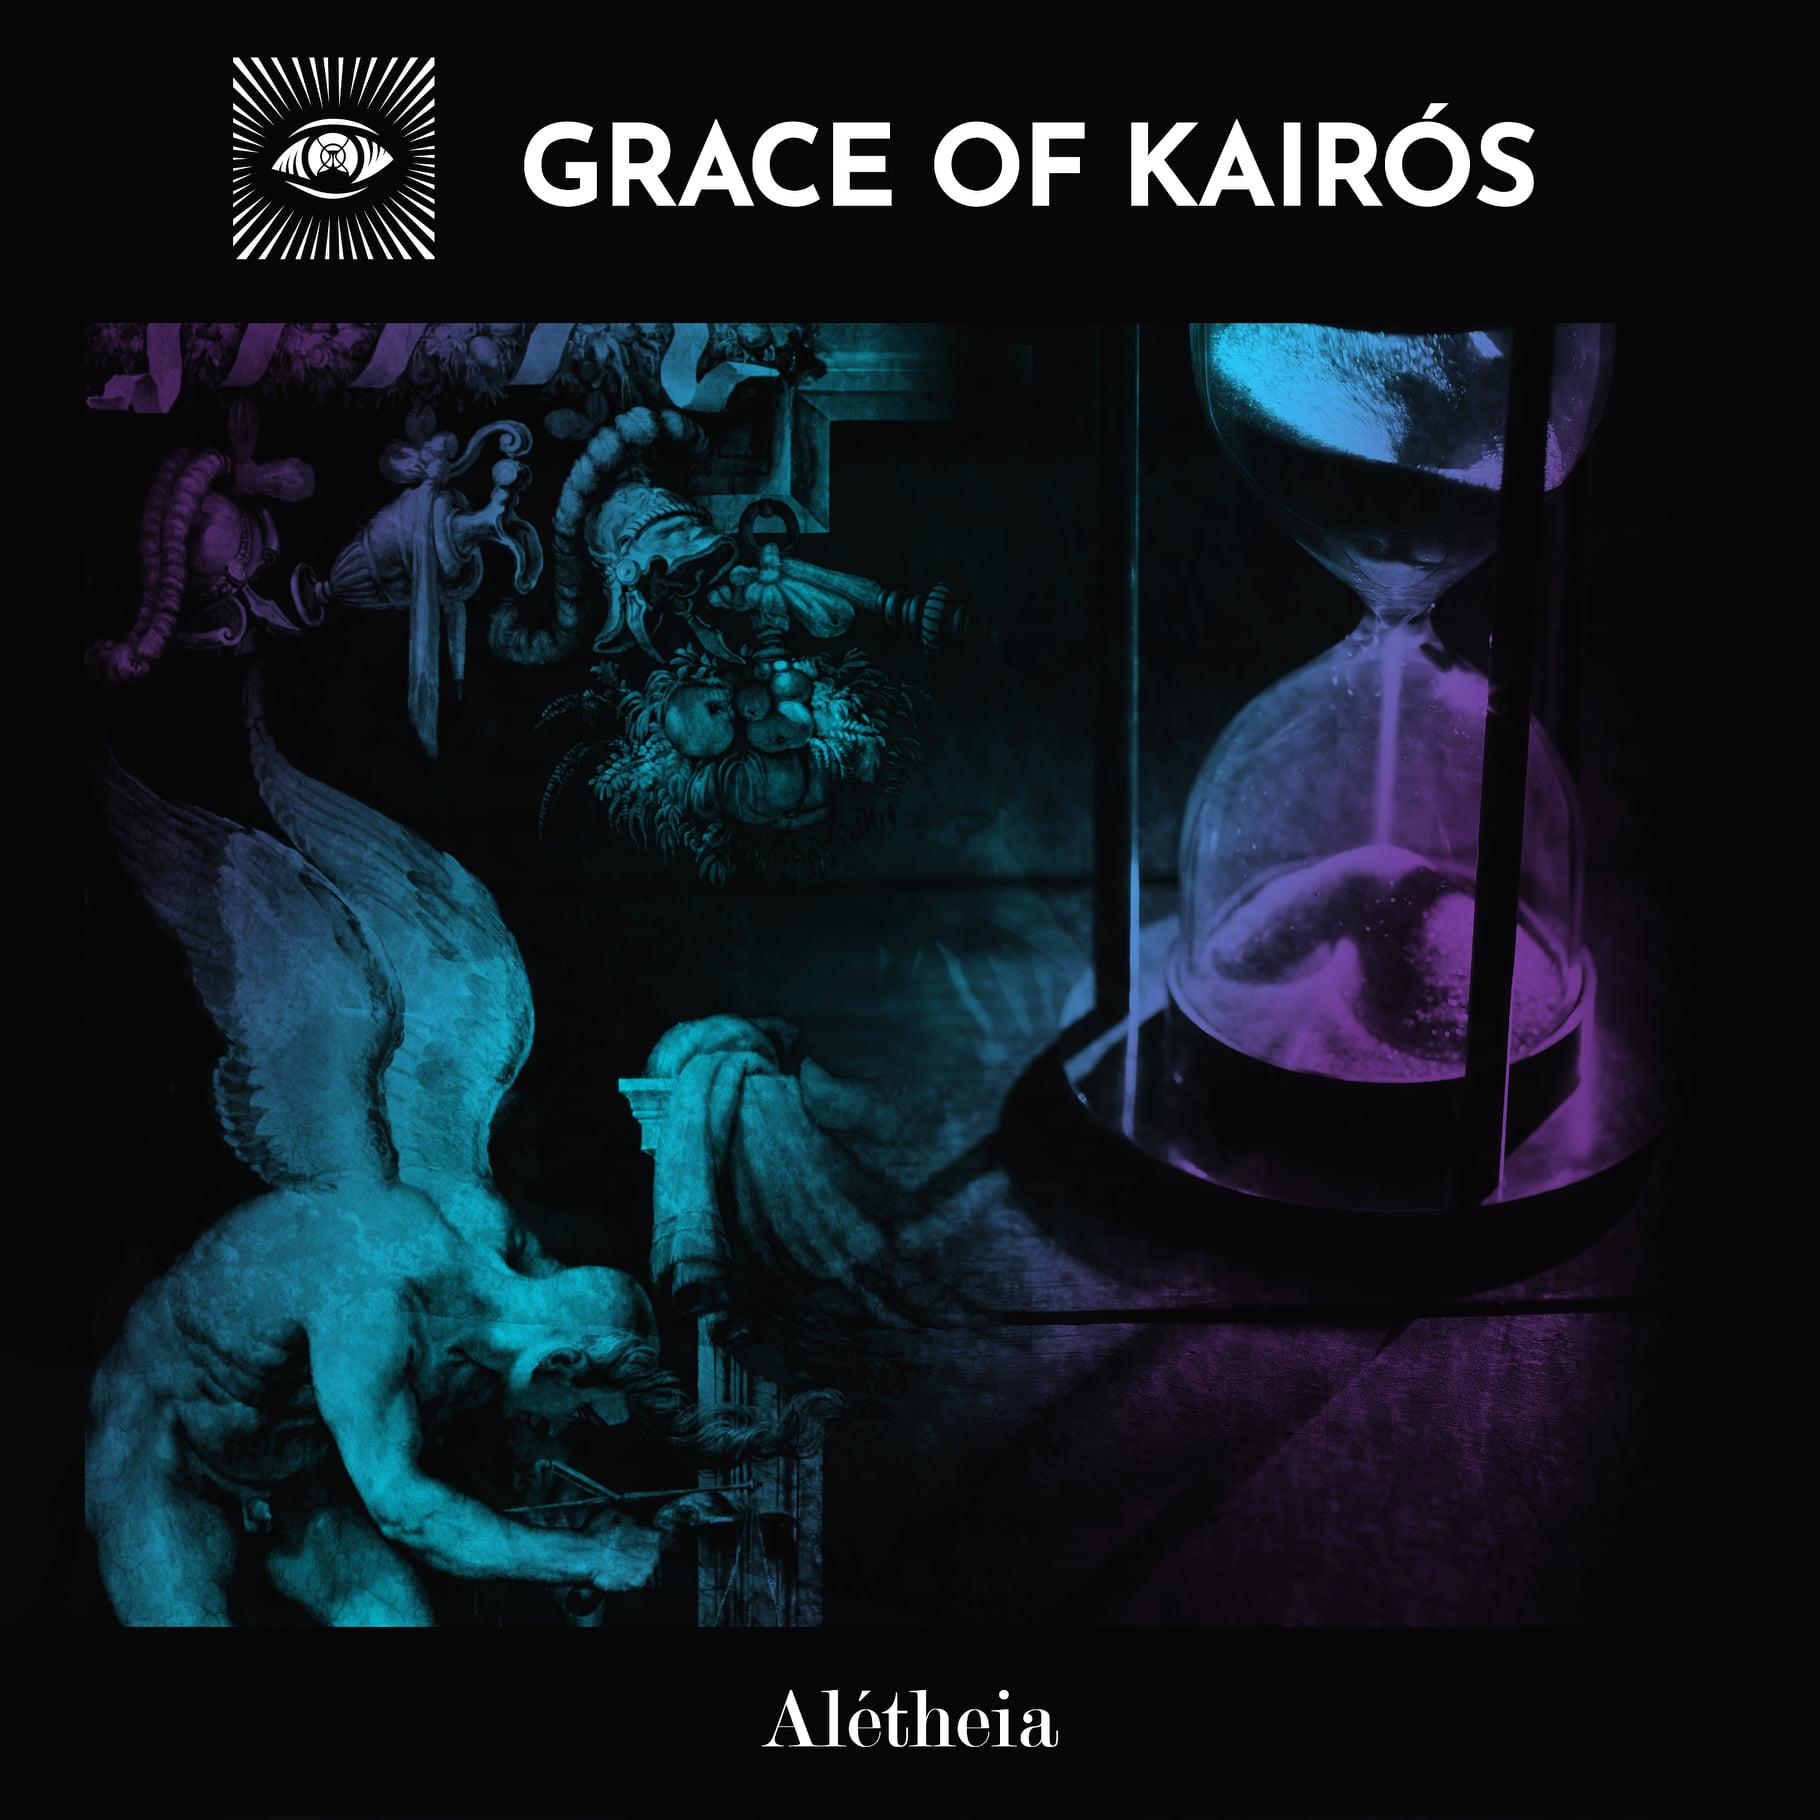 grace_of_kairos_aletheia.jpg